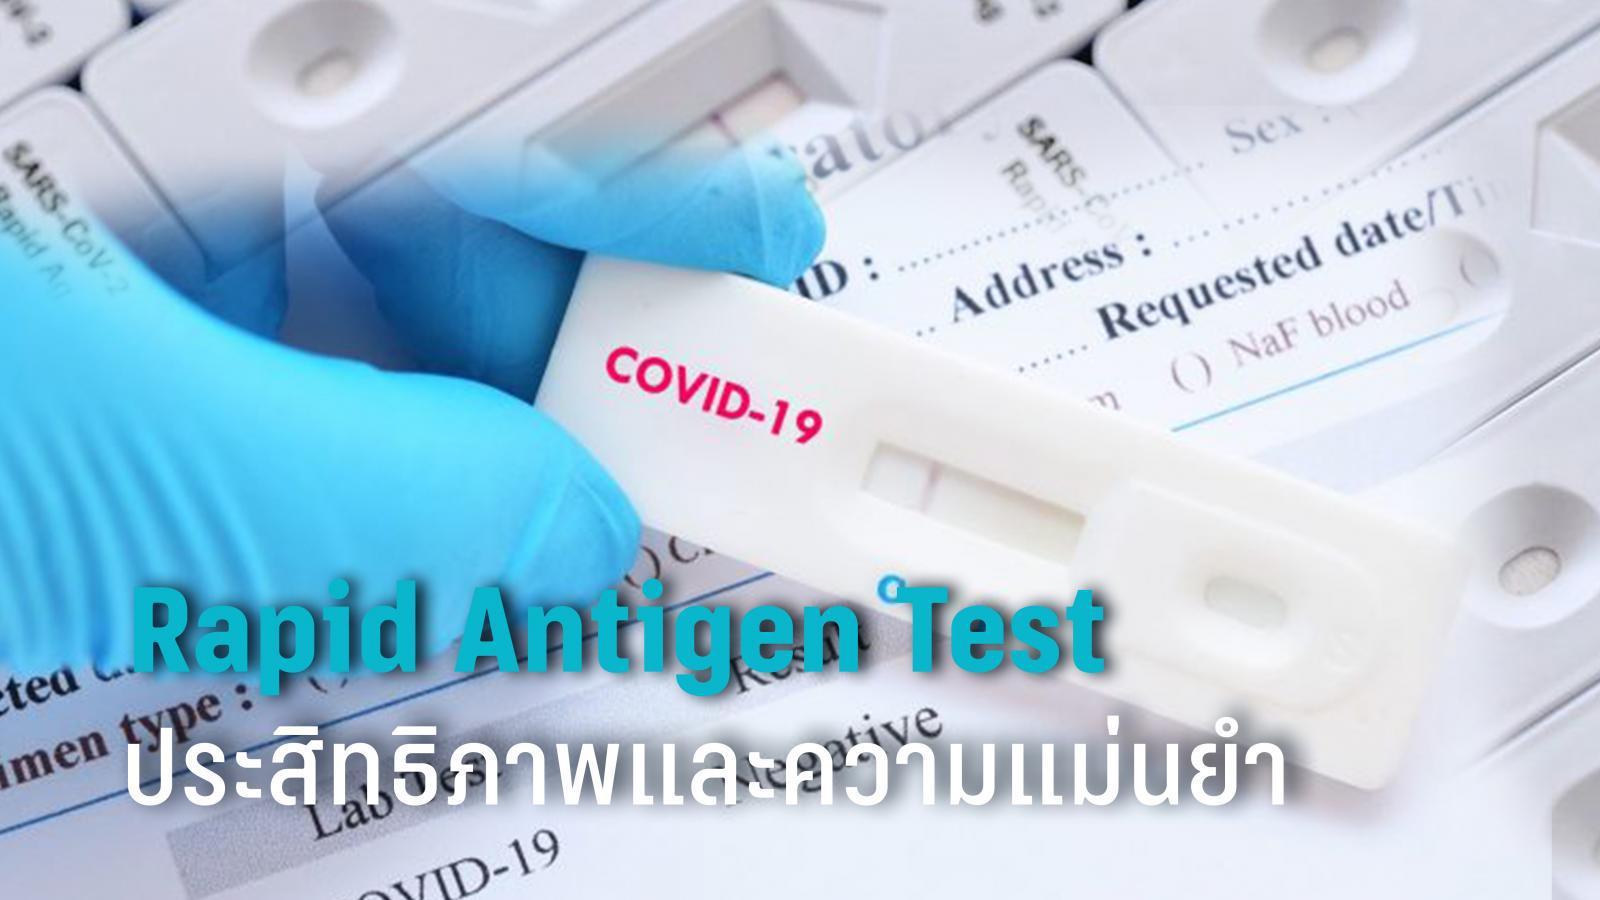 """ทำความเข้าใจกับชุดตรวจโควิดด้วยตัวเอง """"Rapid Antigen Test"""""""